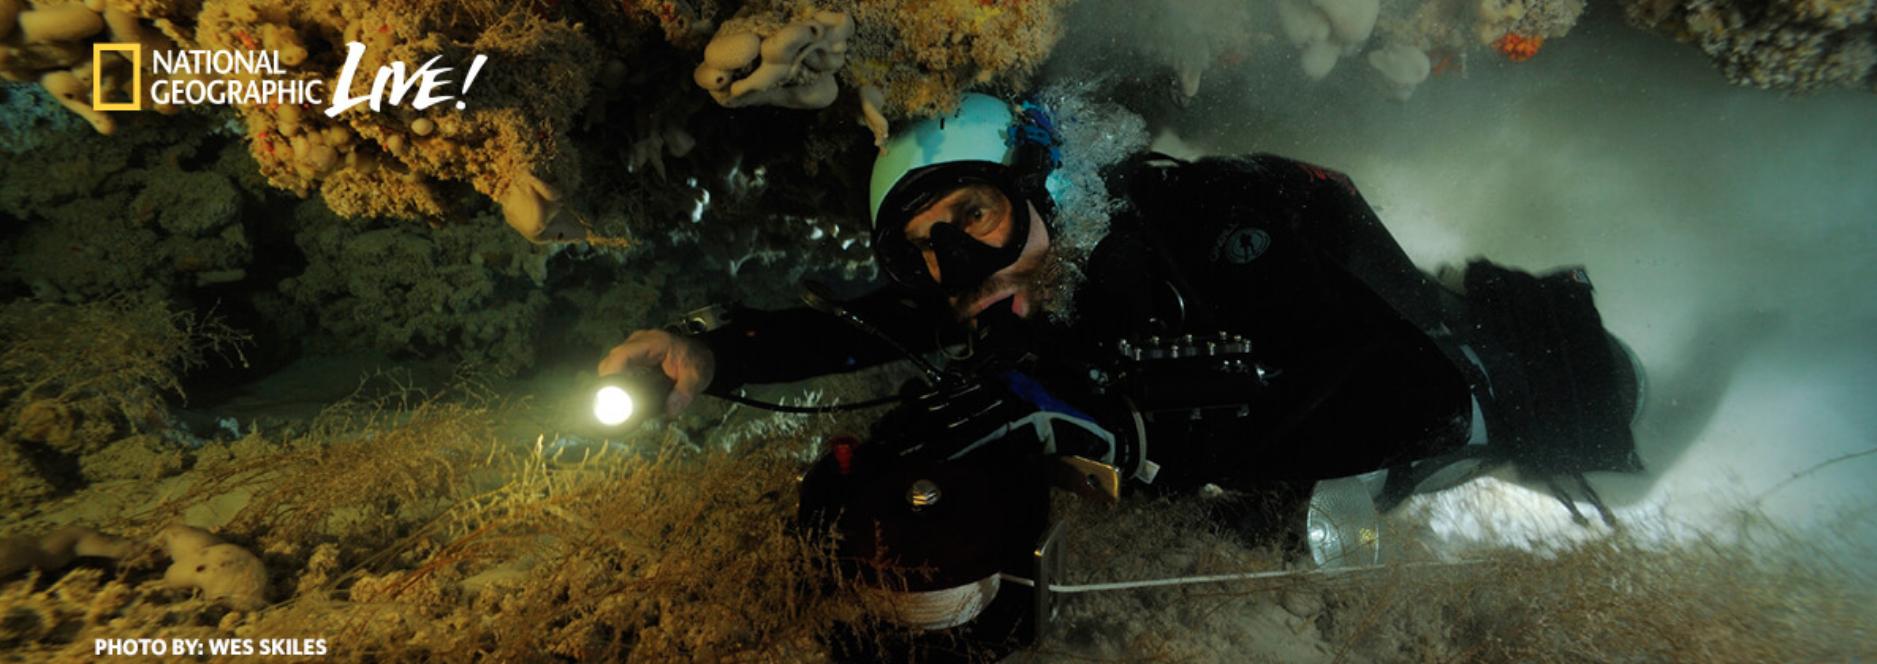 deep diver underwater